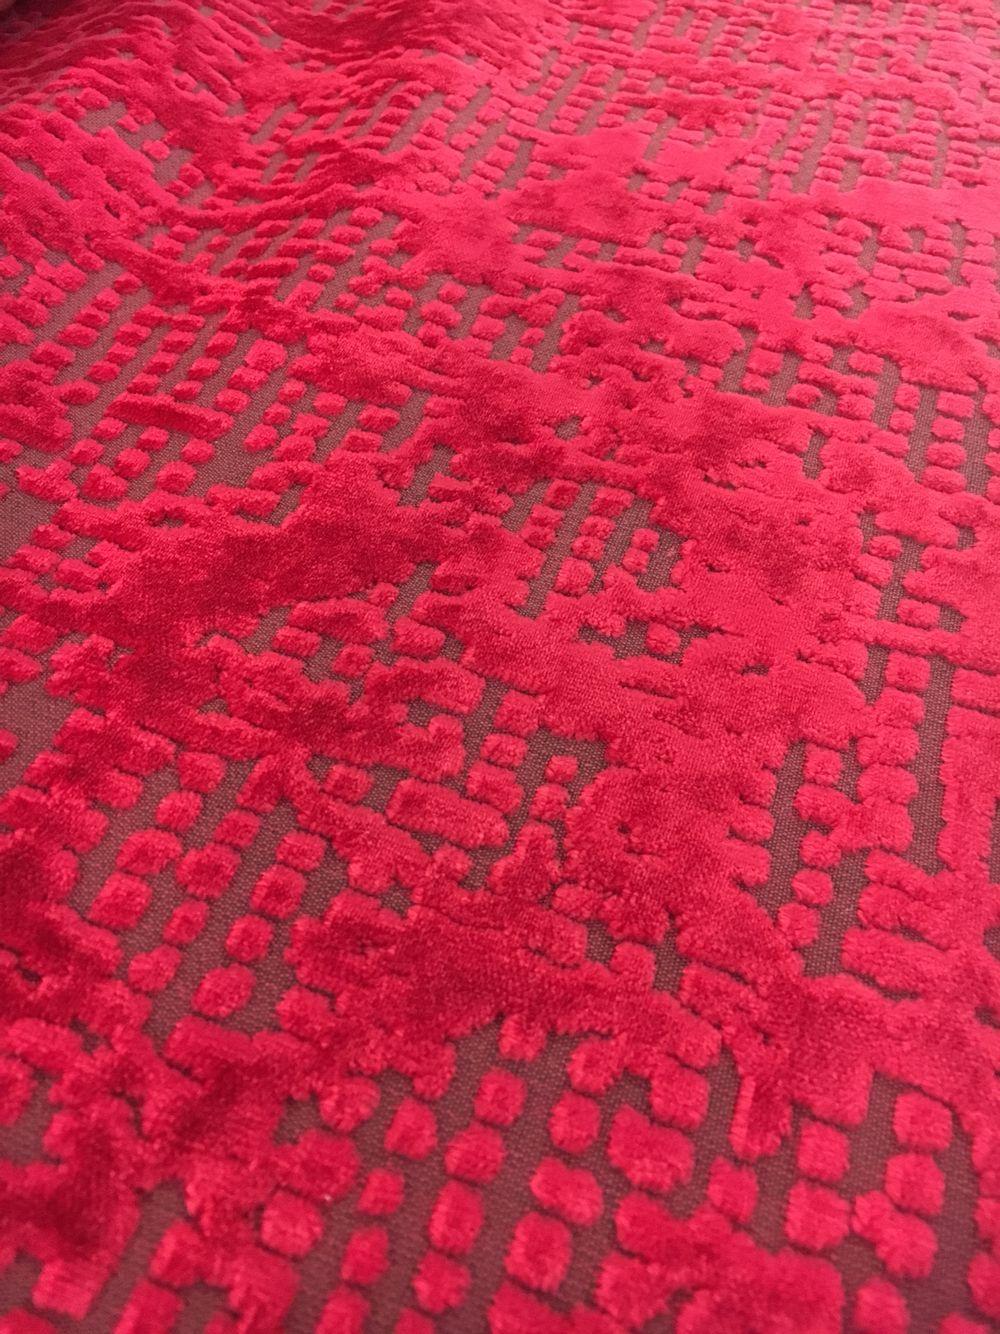 Großartig Plissee 140 Cm Breit Ideen Von Möbelbezugsstoff Designers Guild Borati, Farbe Cranberry, 140cm